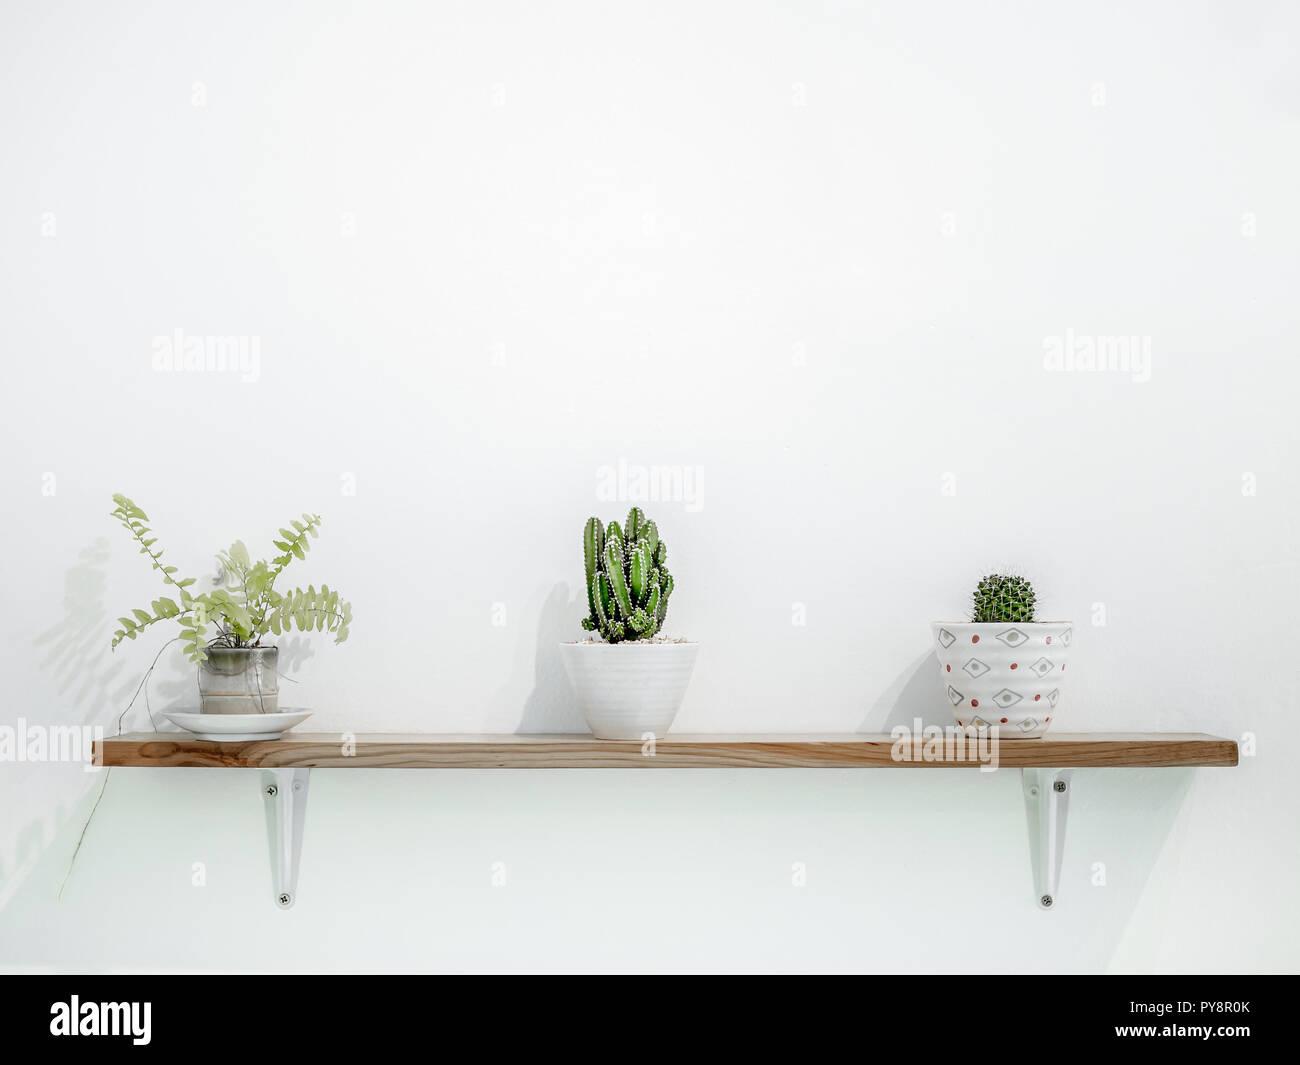 https www alamyimages fr petit cactus en pots mignon sur etageres en bois sur mur blanc avec copie espace style minimaliste decoration design image223313795 html